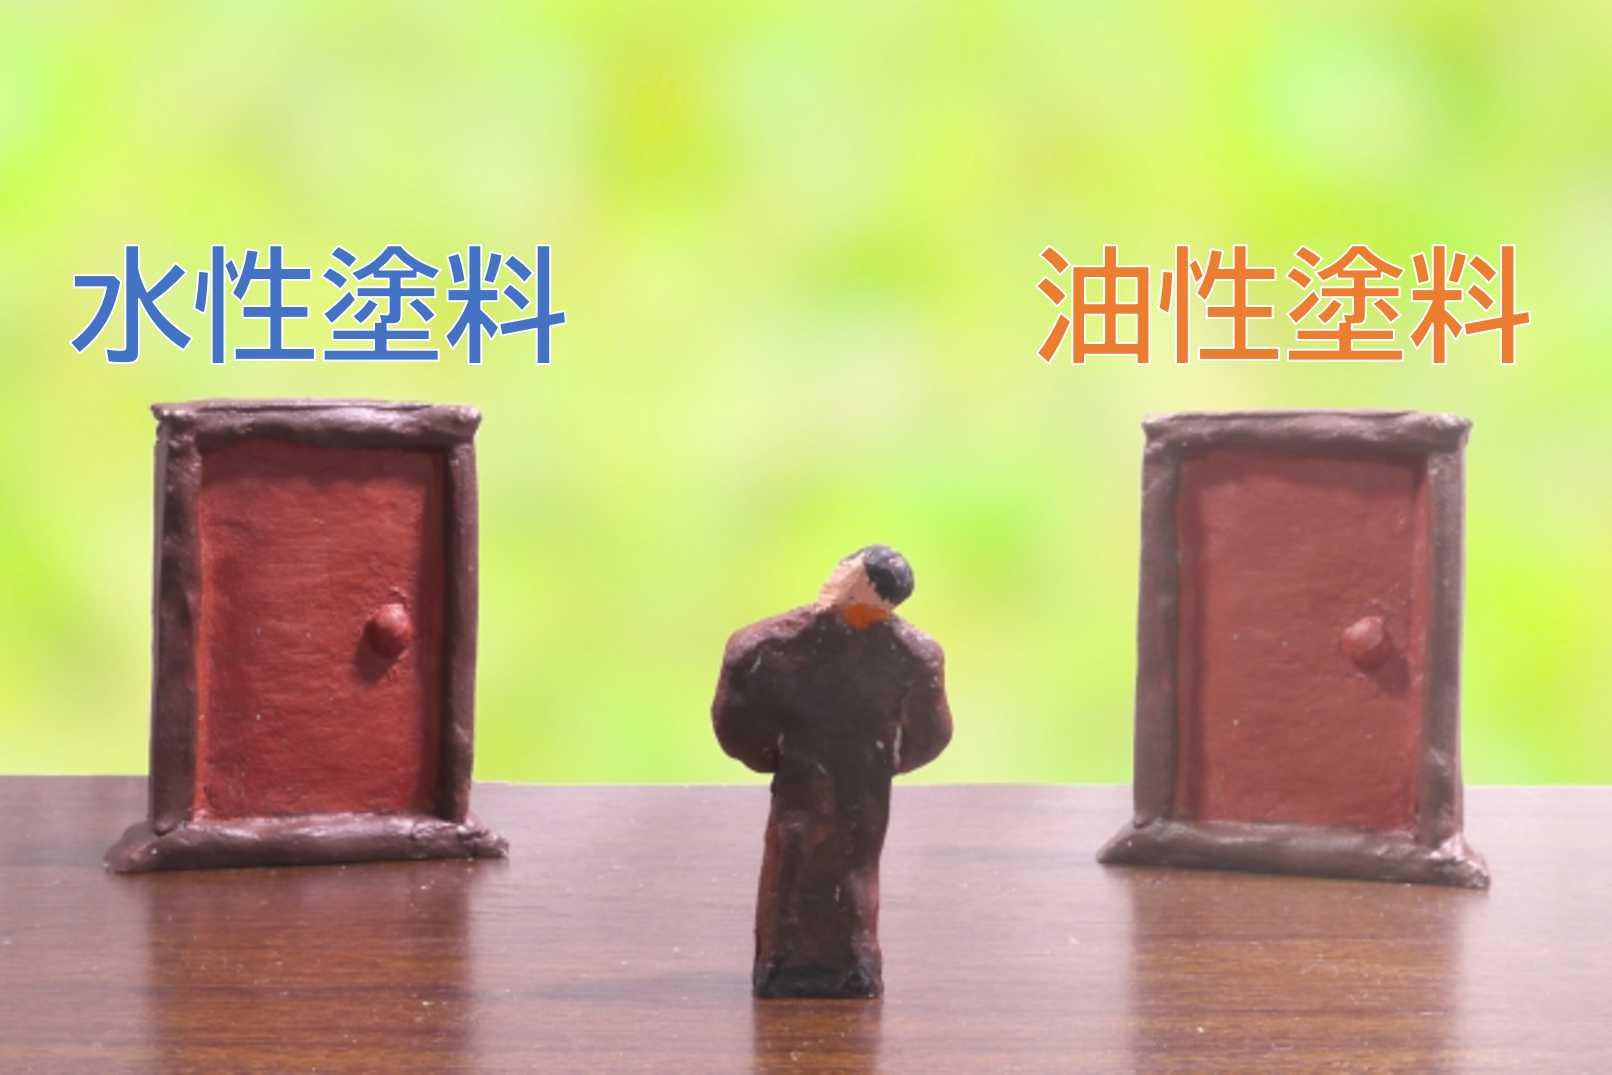 外壁塗装で水性・油性どちらが良いか分かる!3つの特徴を徹底比較